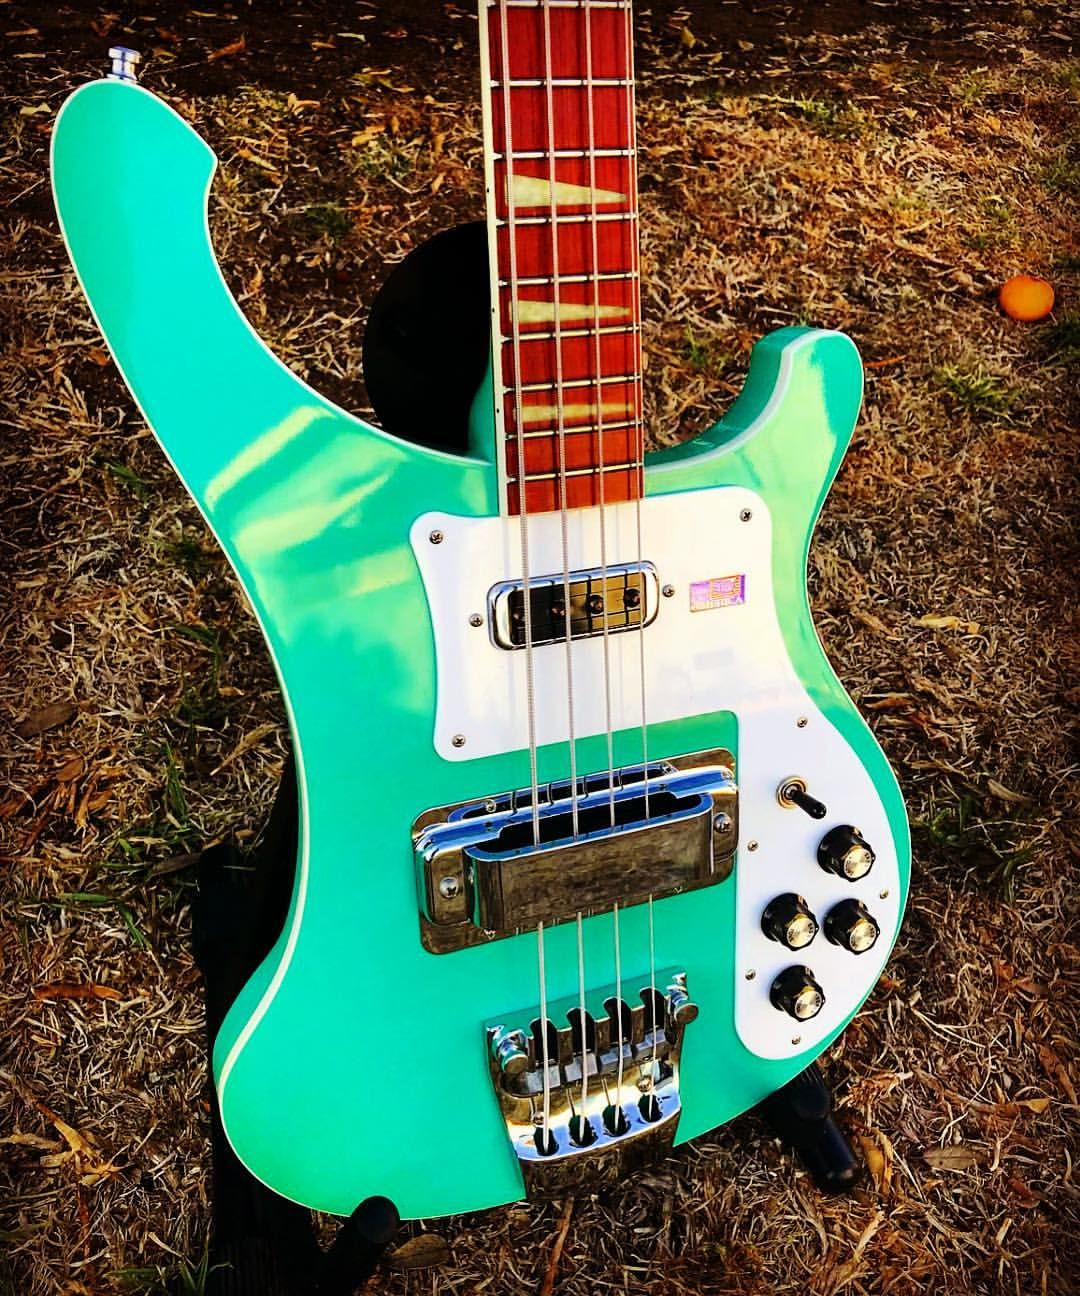 hight resolution of bass player magazine a rare rickenbacker 4003 in surf green orangeforscale bassgram instabass bassporn bassplayer bassplayermag